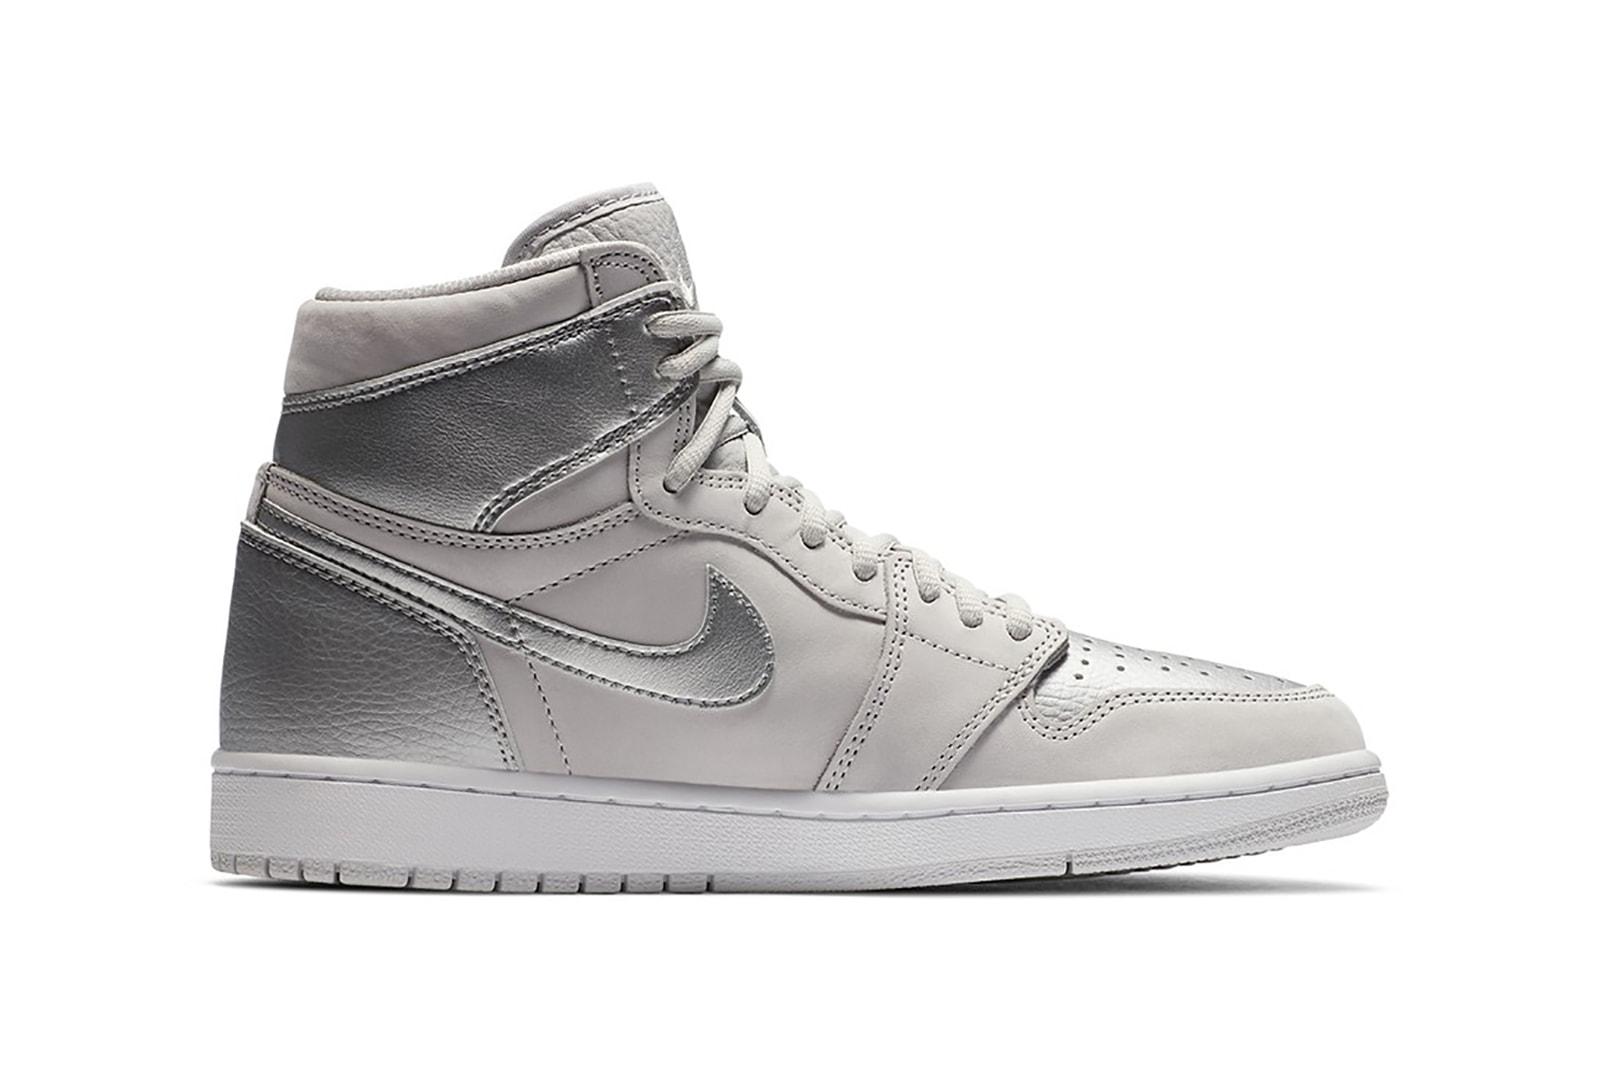 nike air jordan 1 co jp japan metallic silver sneakers colorway shoes footwear sneakerhead